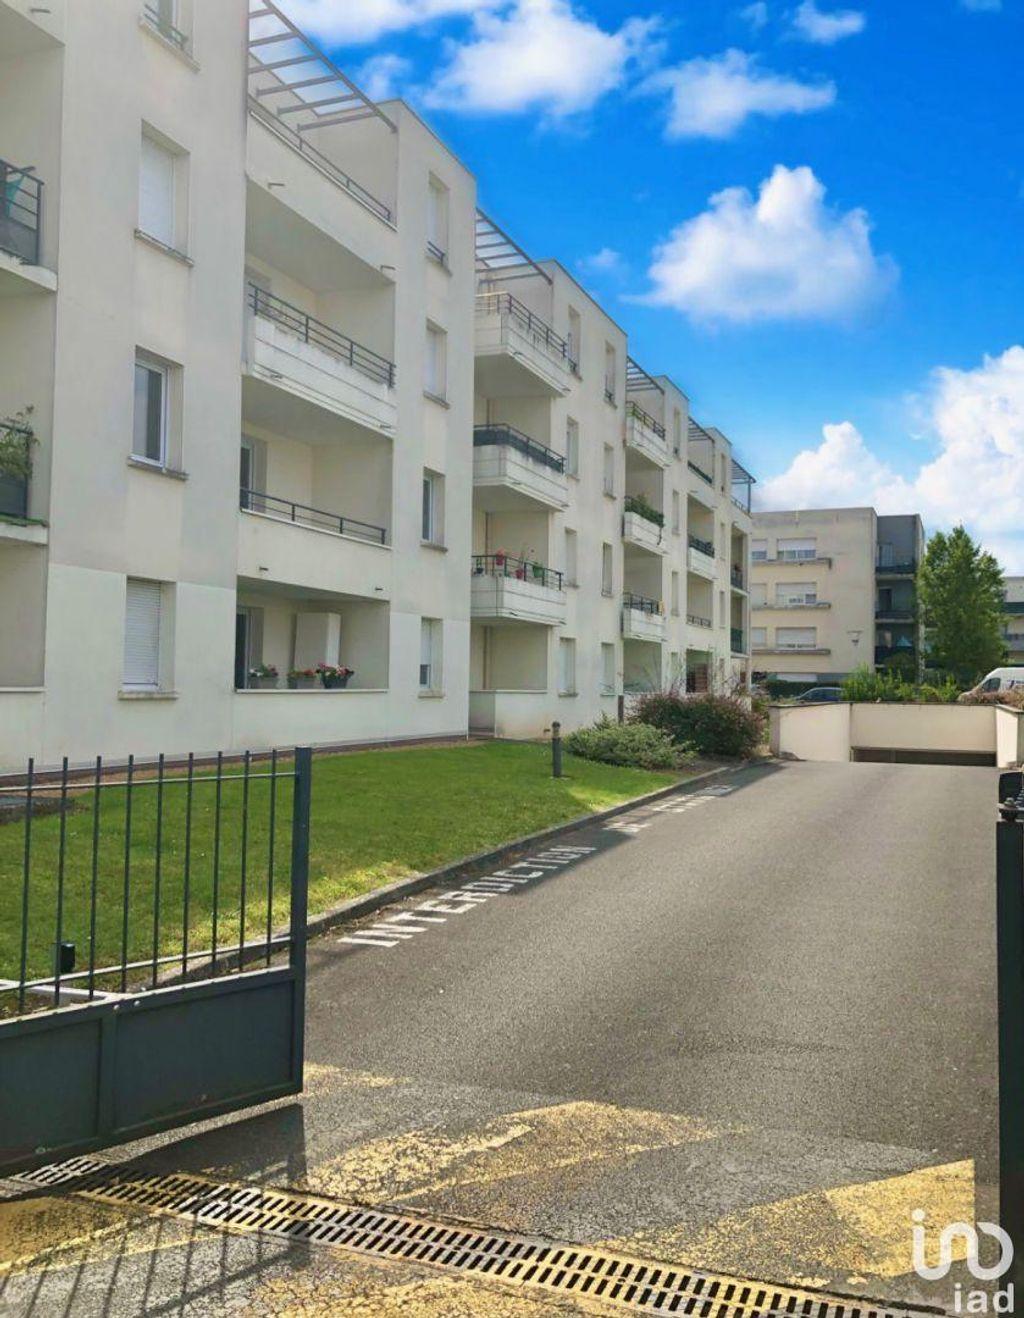 Achat appartement 2pièces 44m² - Tours